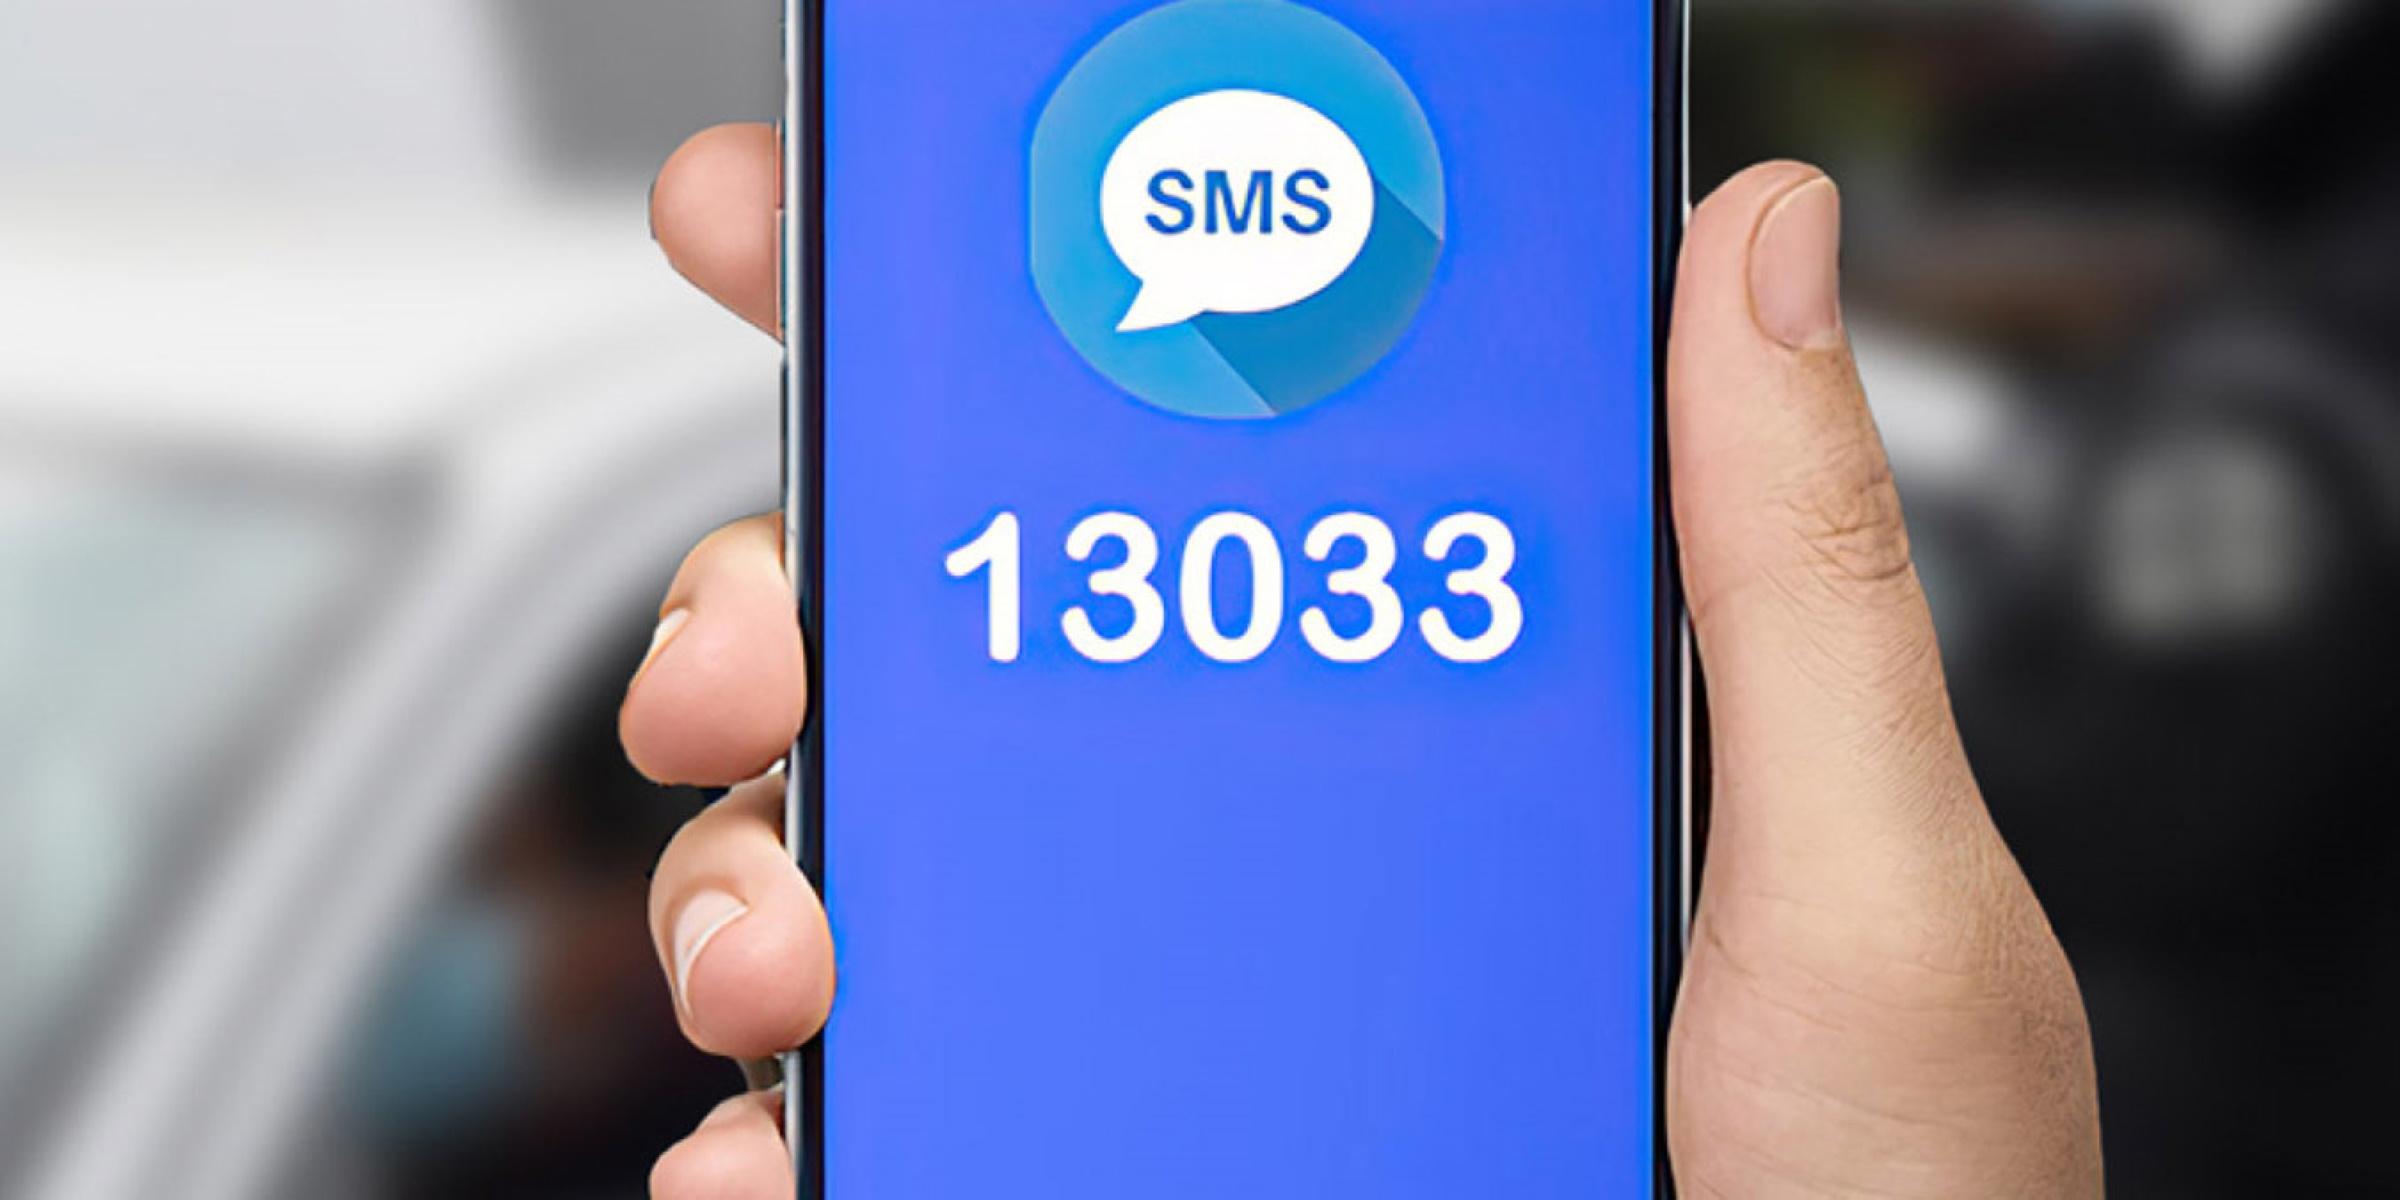 Γεραπετρίτης στο «Live News»: Πότε θα καταργηθεί το sms στο 13033